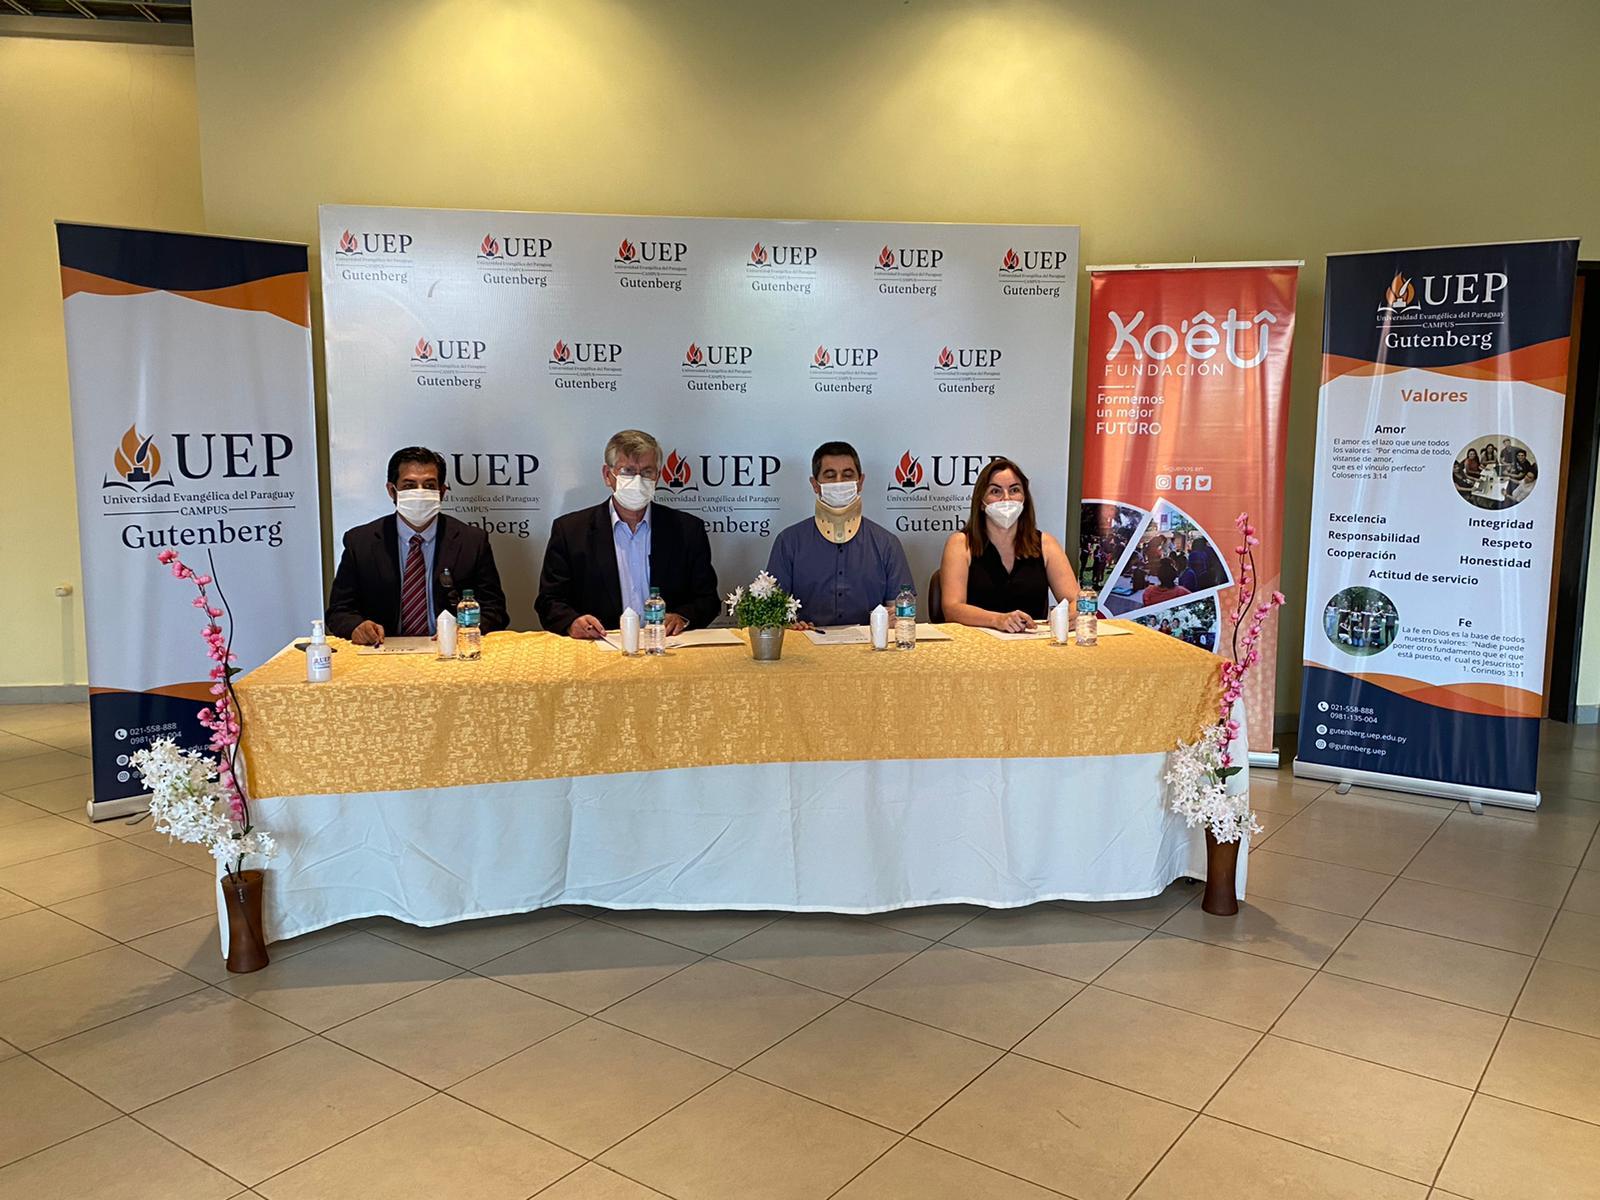 Convenio de Cooperación Interinstitucional y Curso de Capacitación entre la UEP Campus Gutenberg y